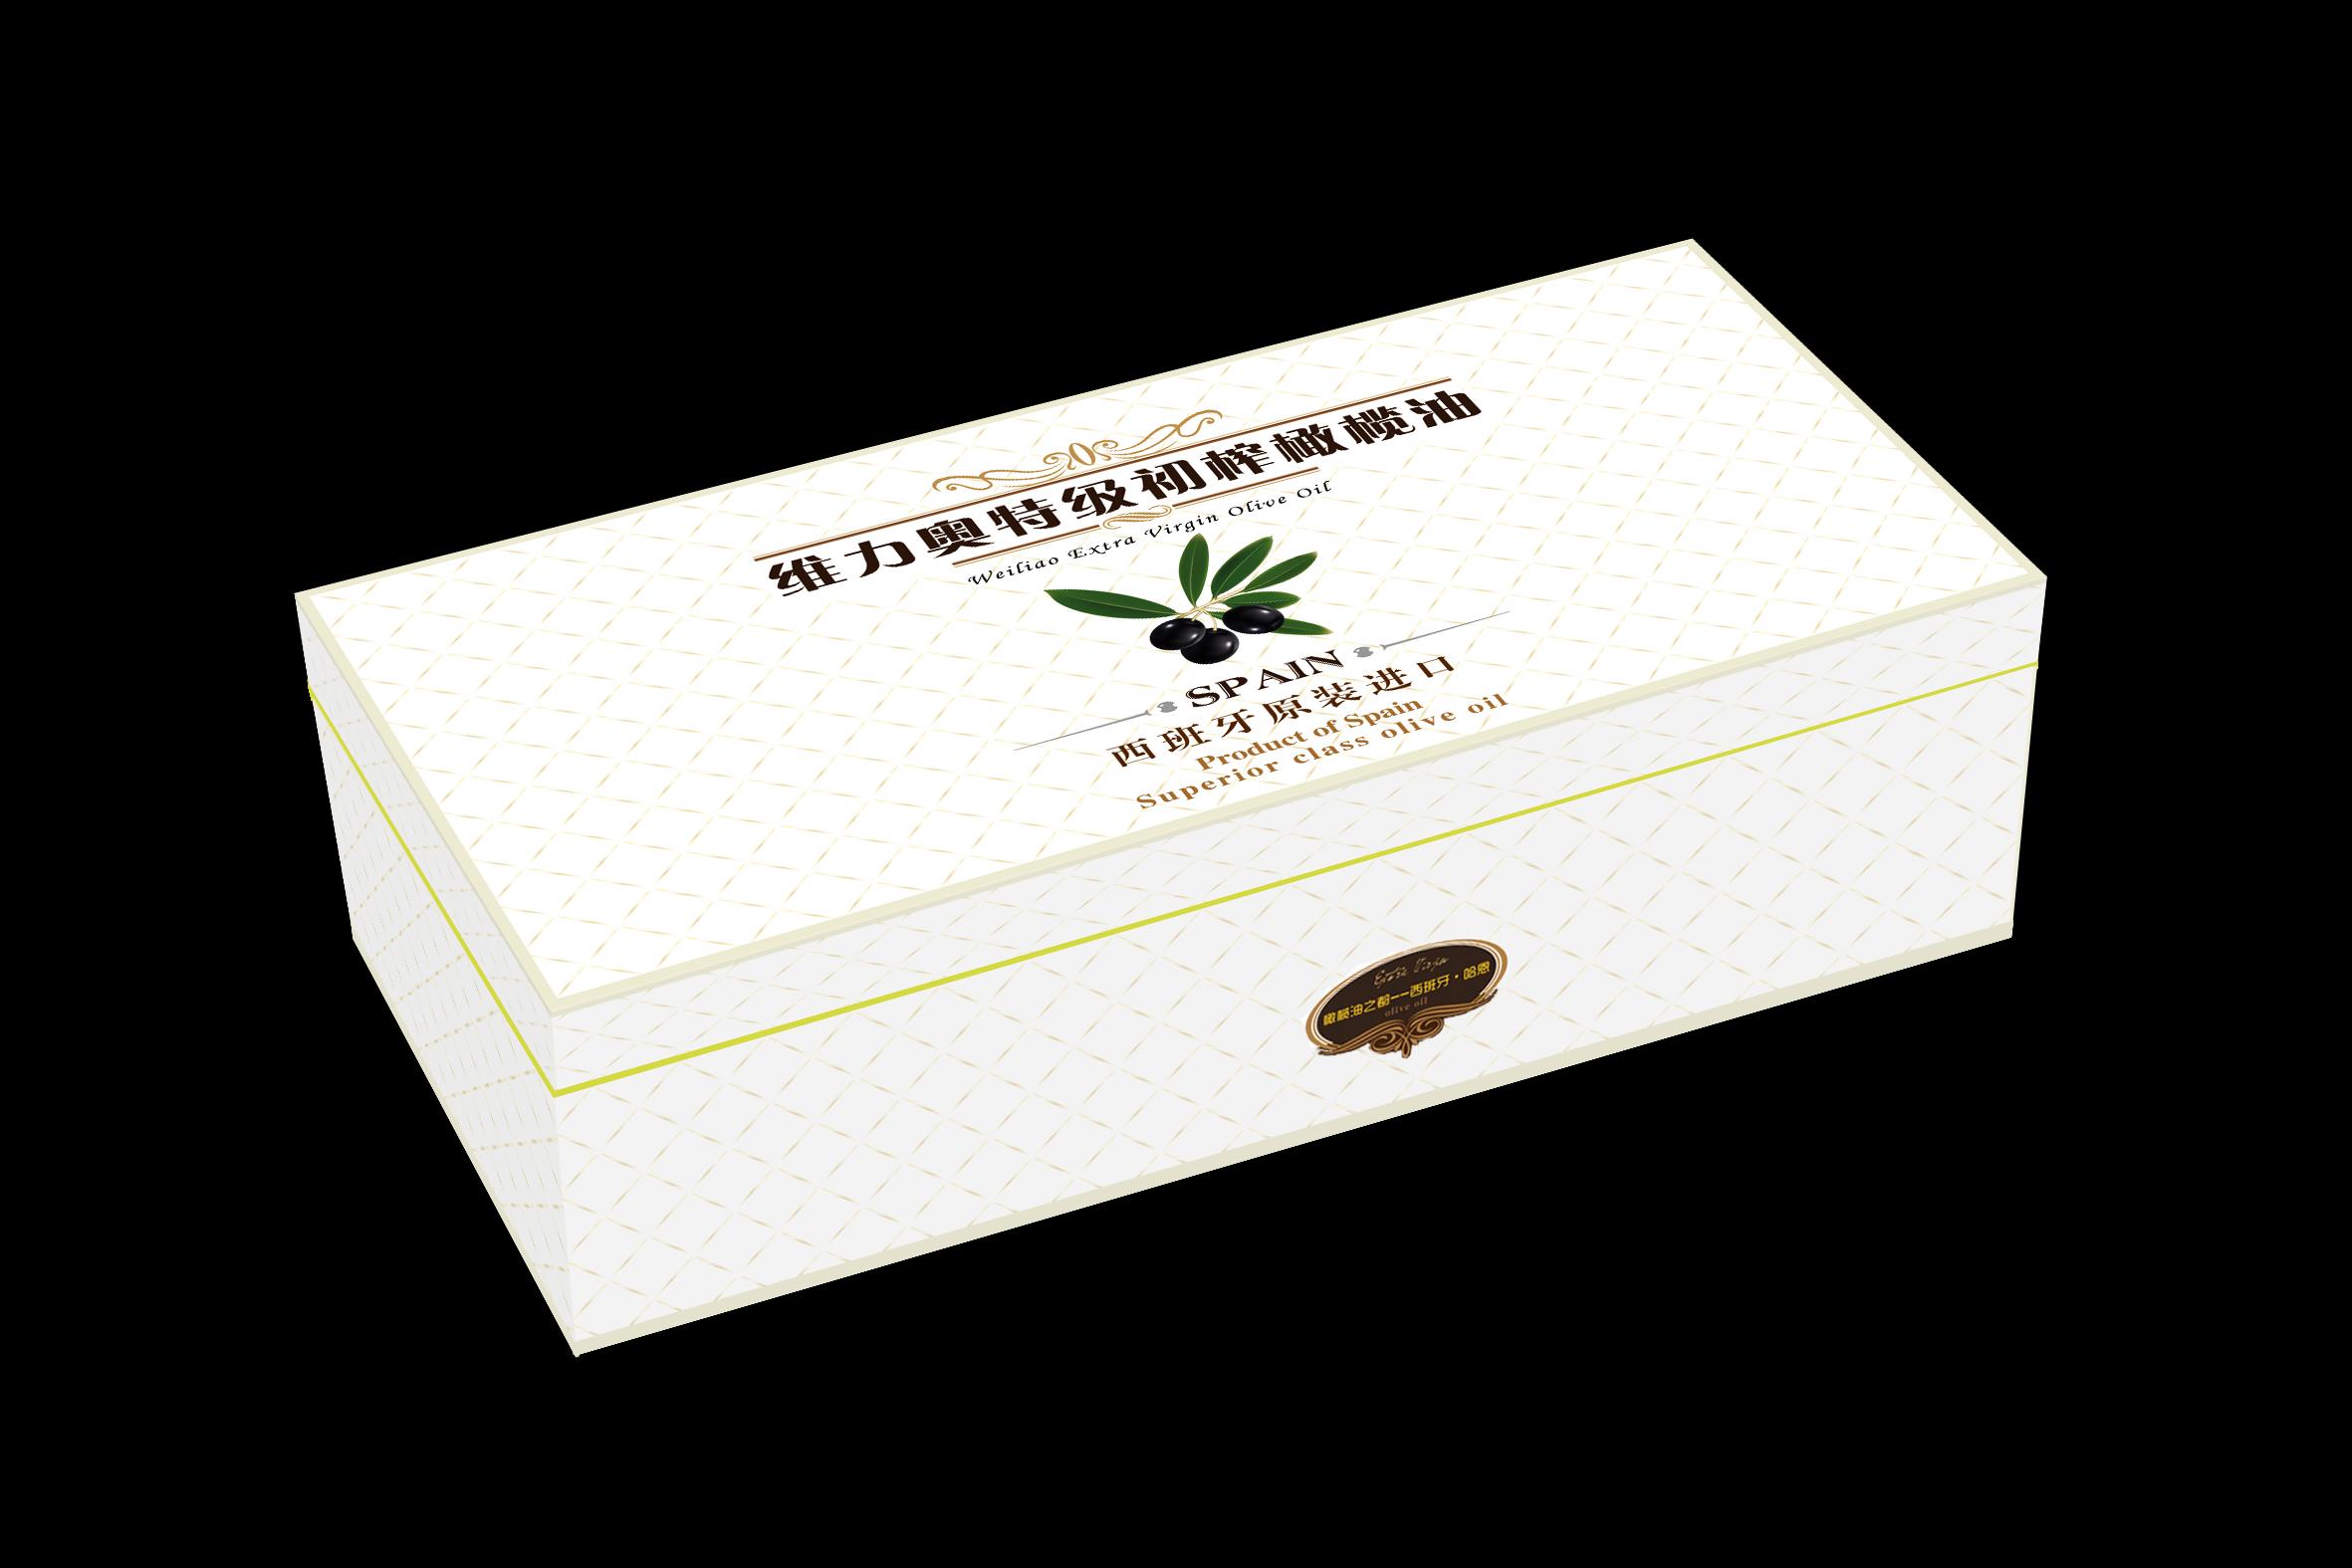 刚定稿的橄榄油食品包装盒设计,里面有几个效果图的透视做